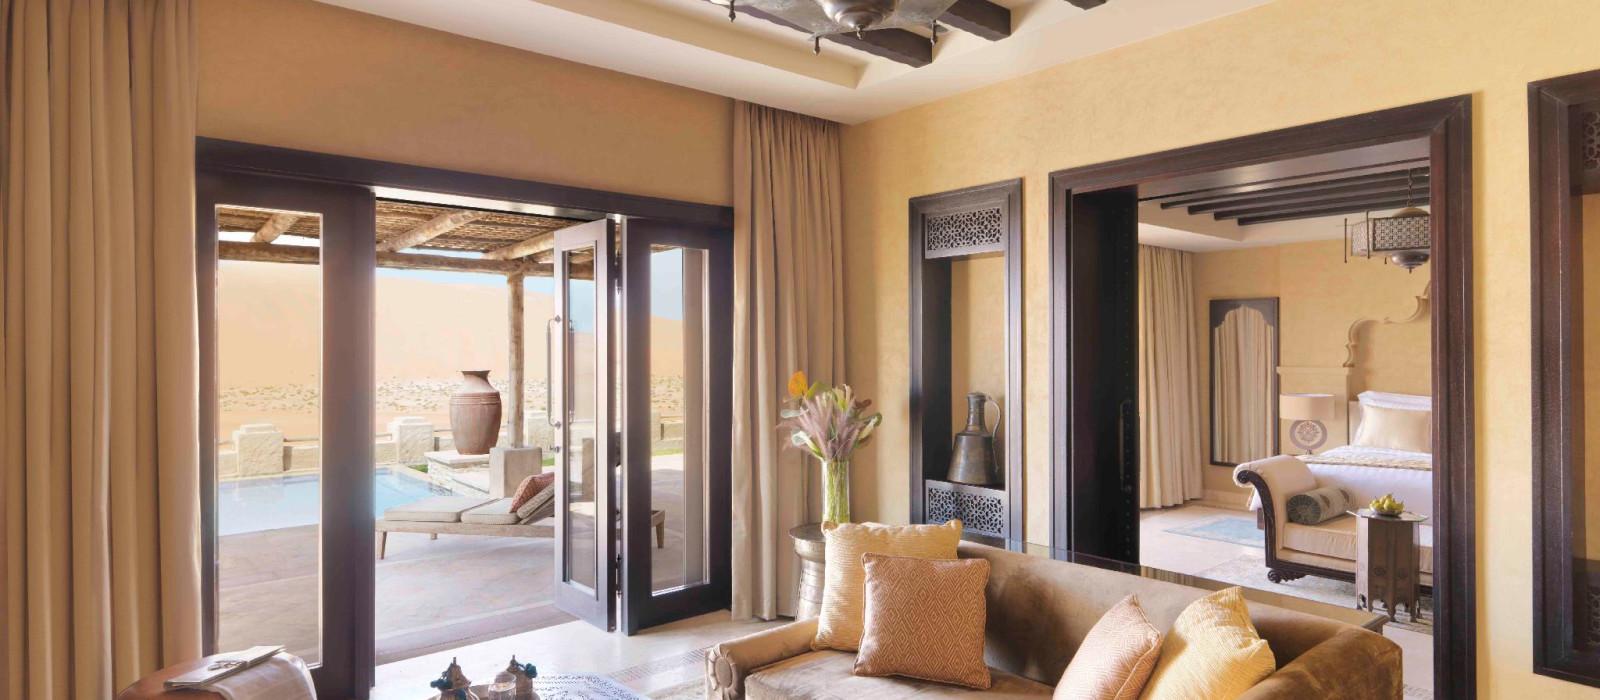 Hotel Qasr Al Sarab Desert Resort by Anantara Vereinigte Arabische Emirate